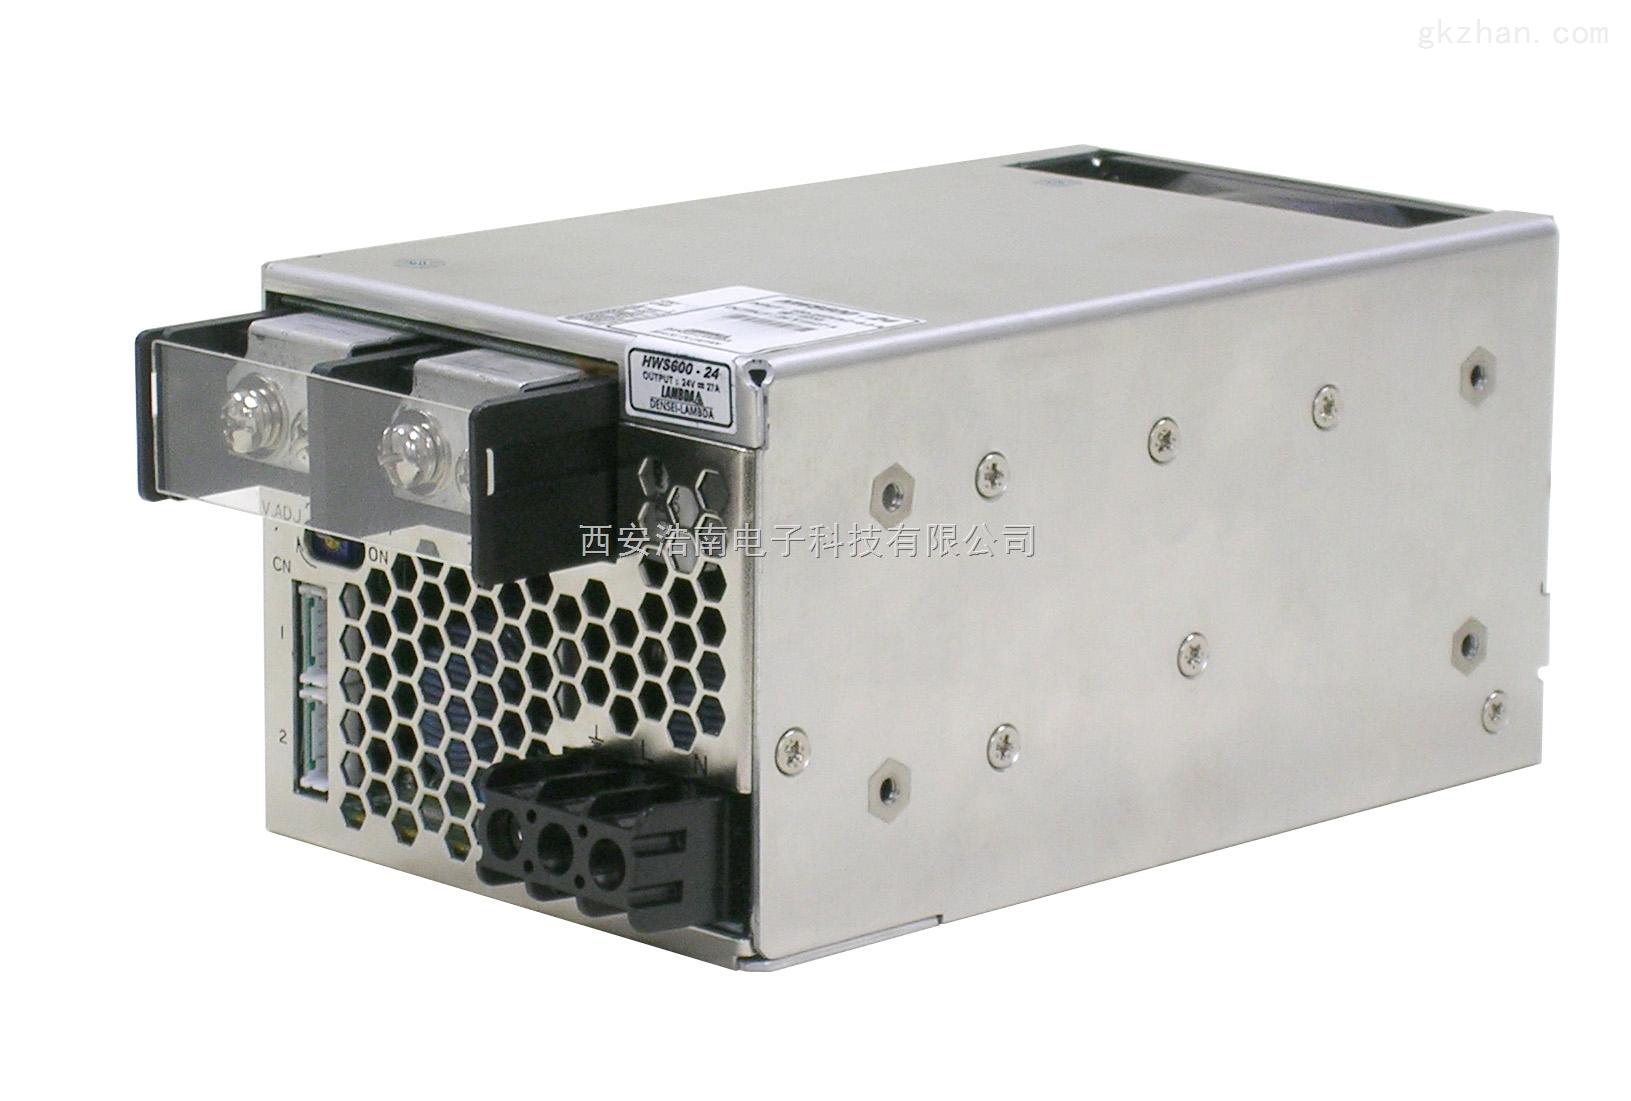 开关电源HWS300系列 HWS300-24 HWS300-48 HWS300-12 HWS30